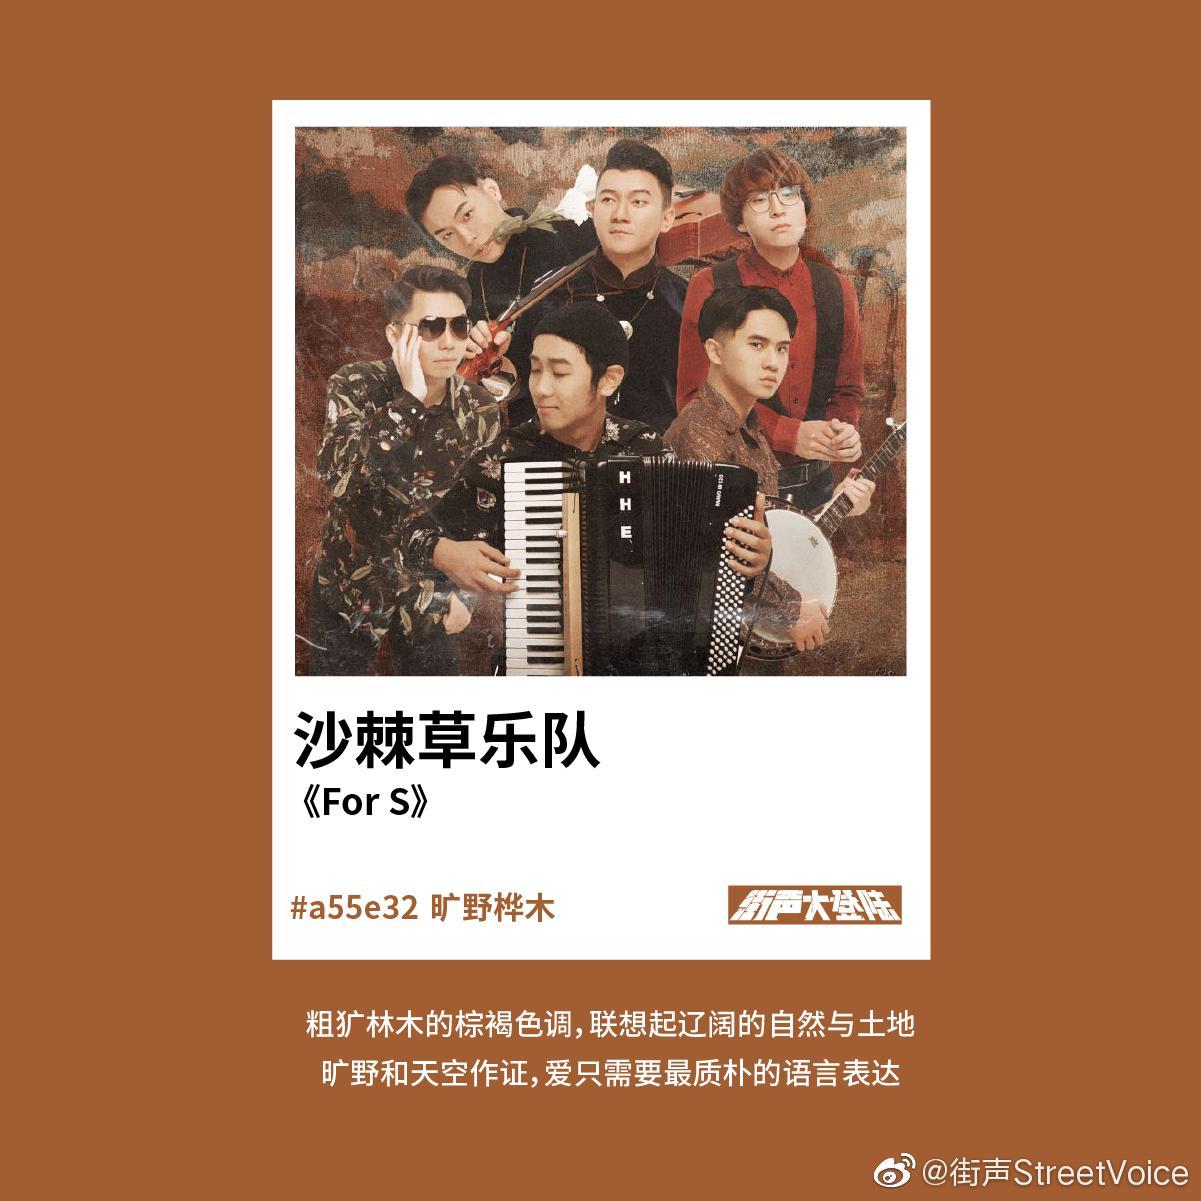 成立于南京的 @沙棘草乐队- ,唱的却是主唱阿兰家乡新疆的景象?